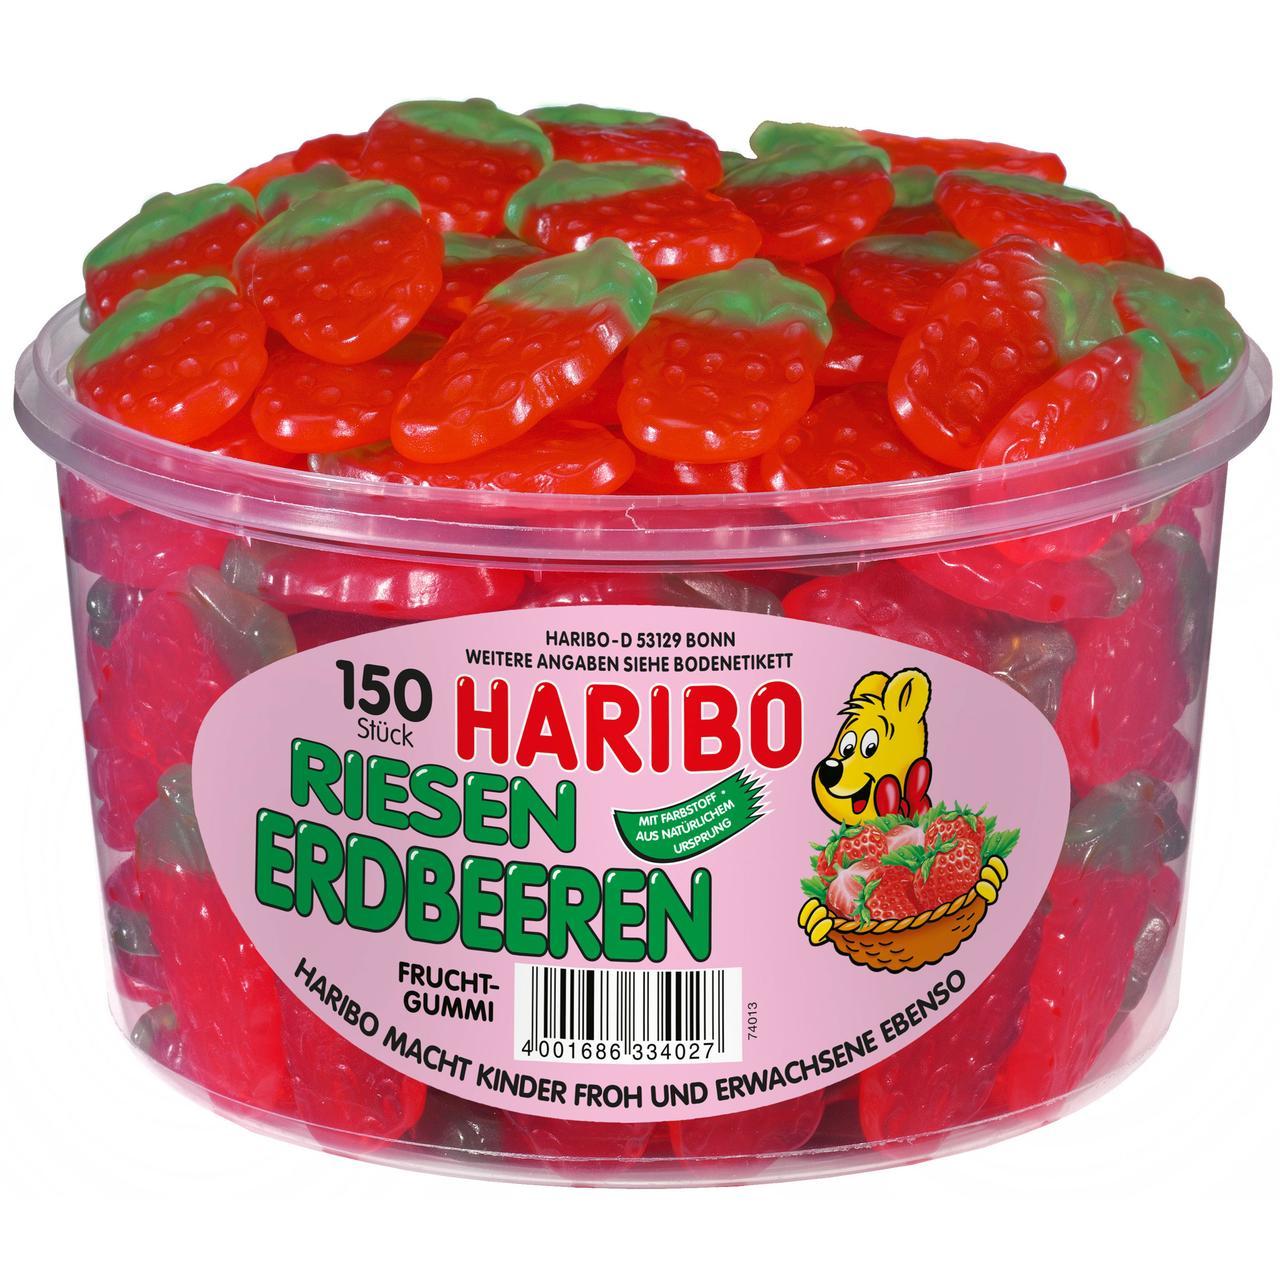 Haribo Strawberry 150 Stuck 1350 g